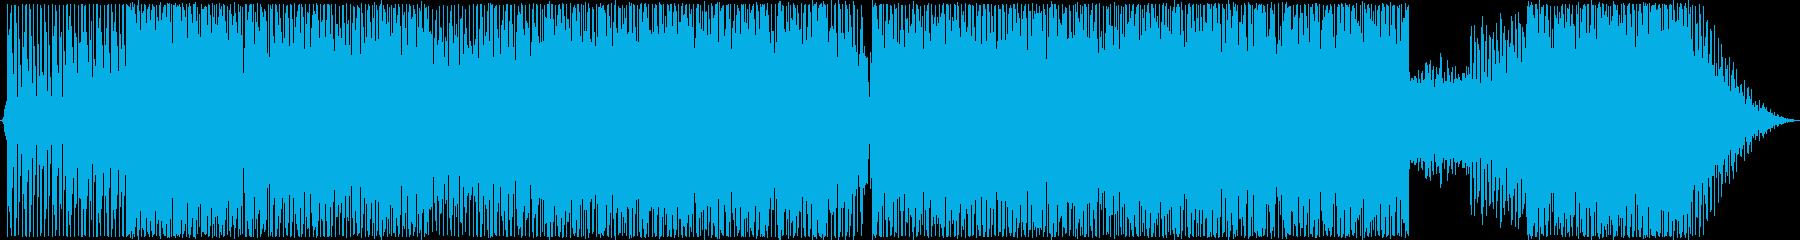 ハードコア。フィルター済み。の再生済みの波形